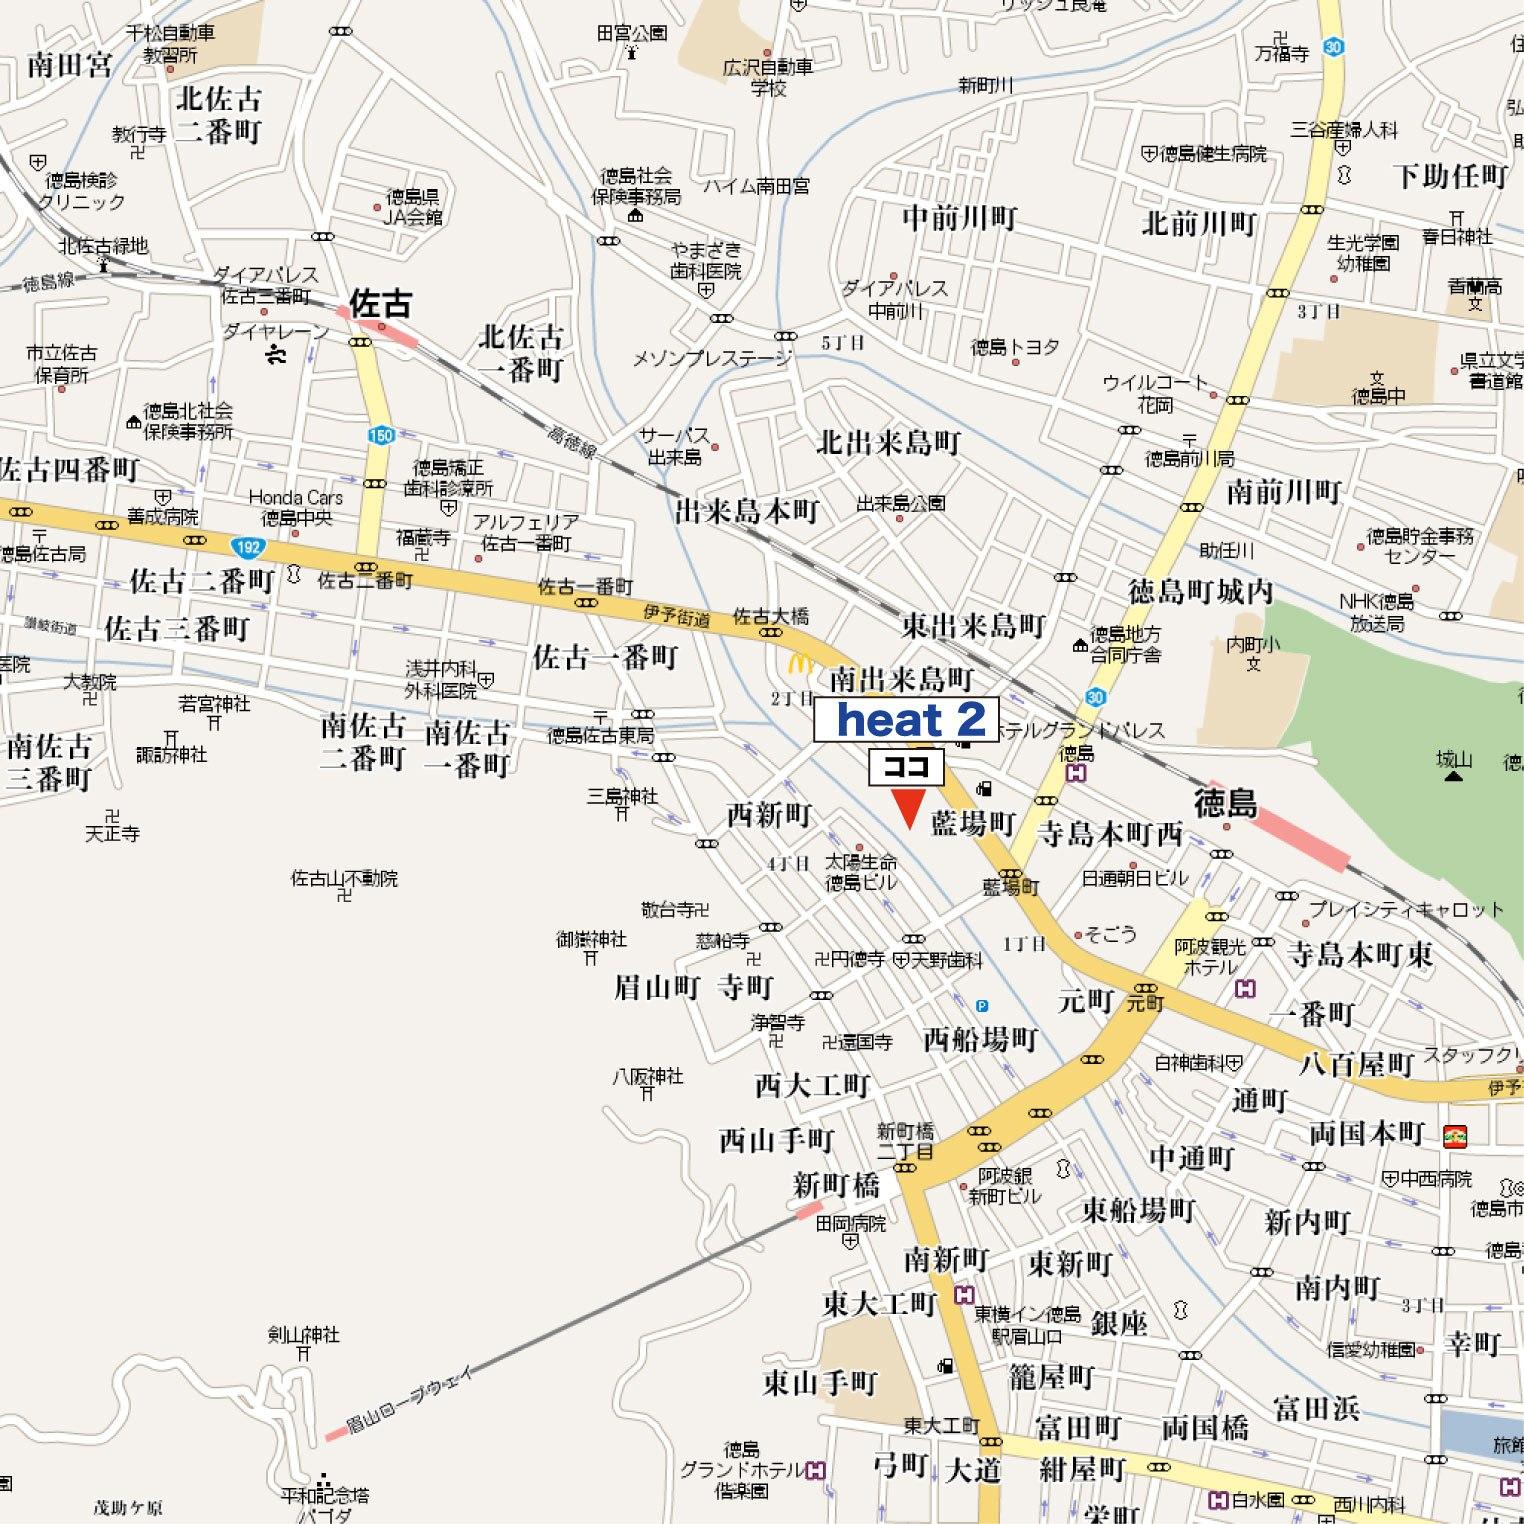 もう一度 四国大会SHIOKAZE \'08_f0177882_19352663.jpg